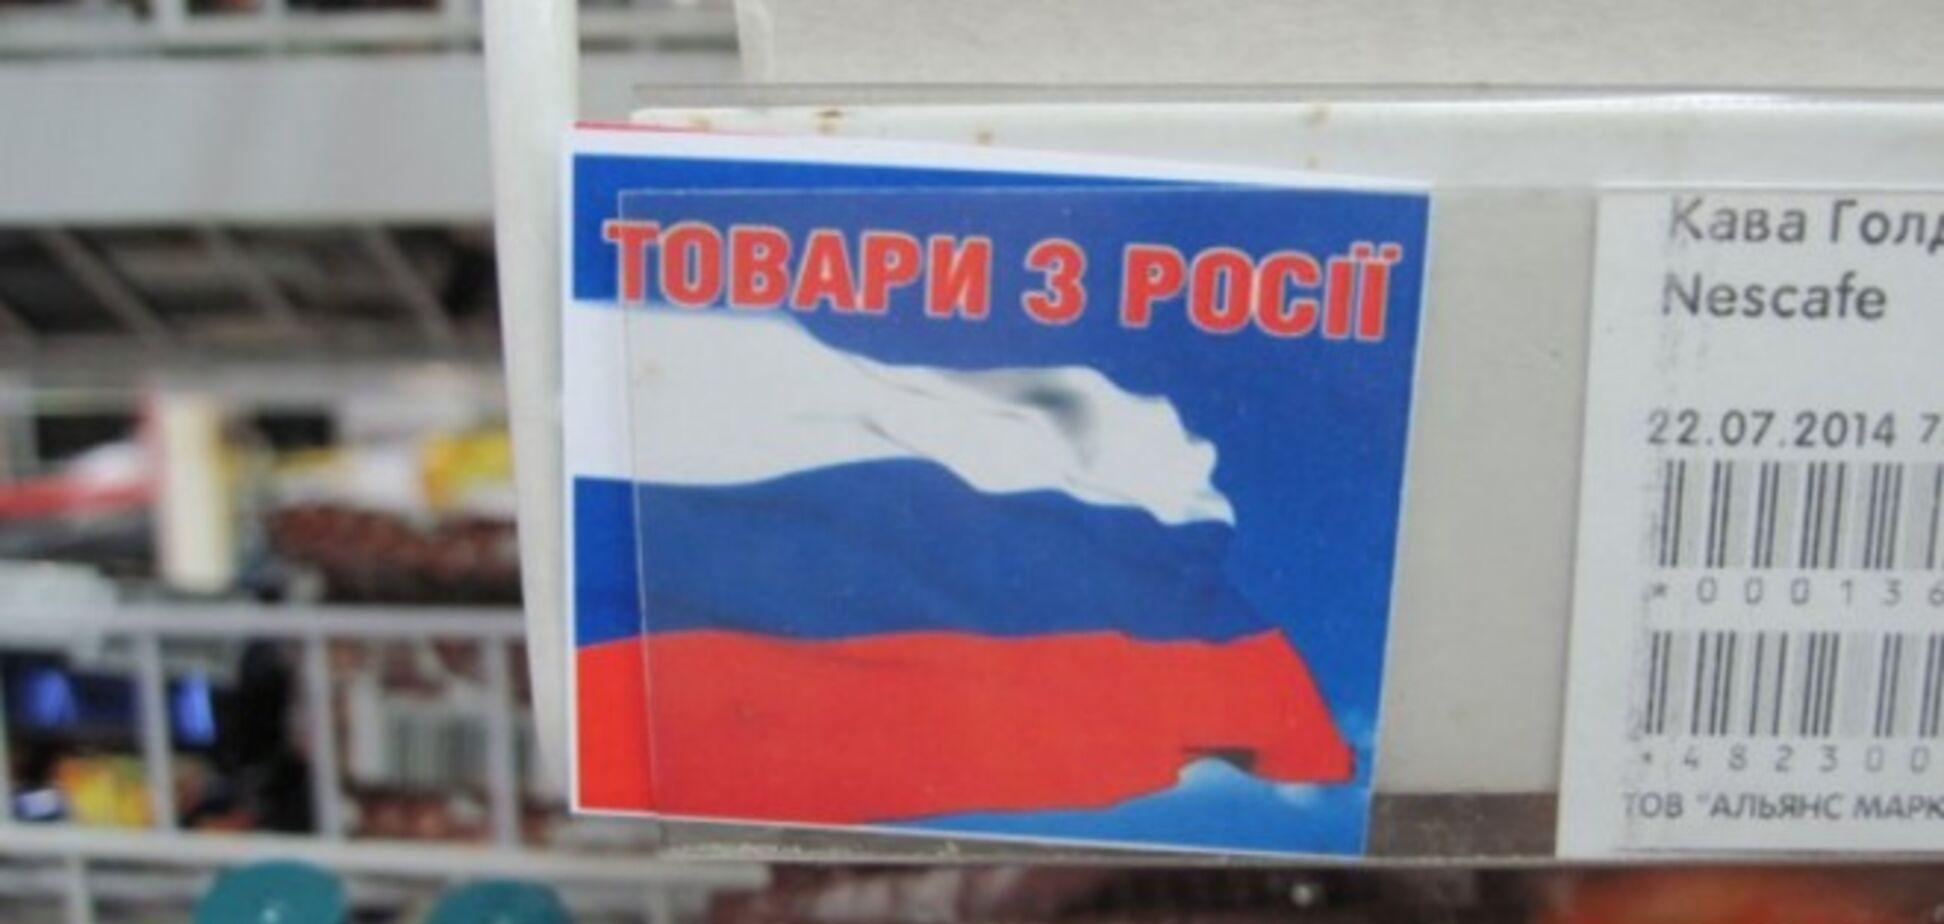 Продукция из России может исчезнуть с украинских прилавков